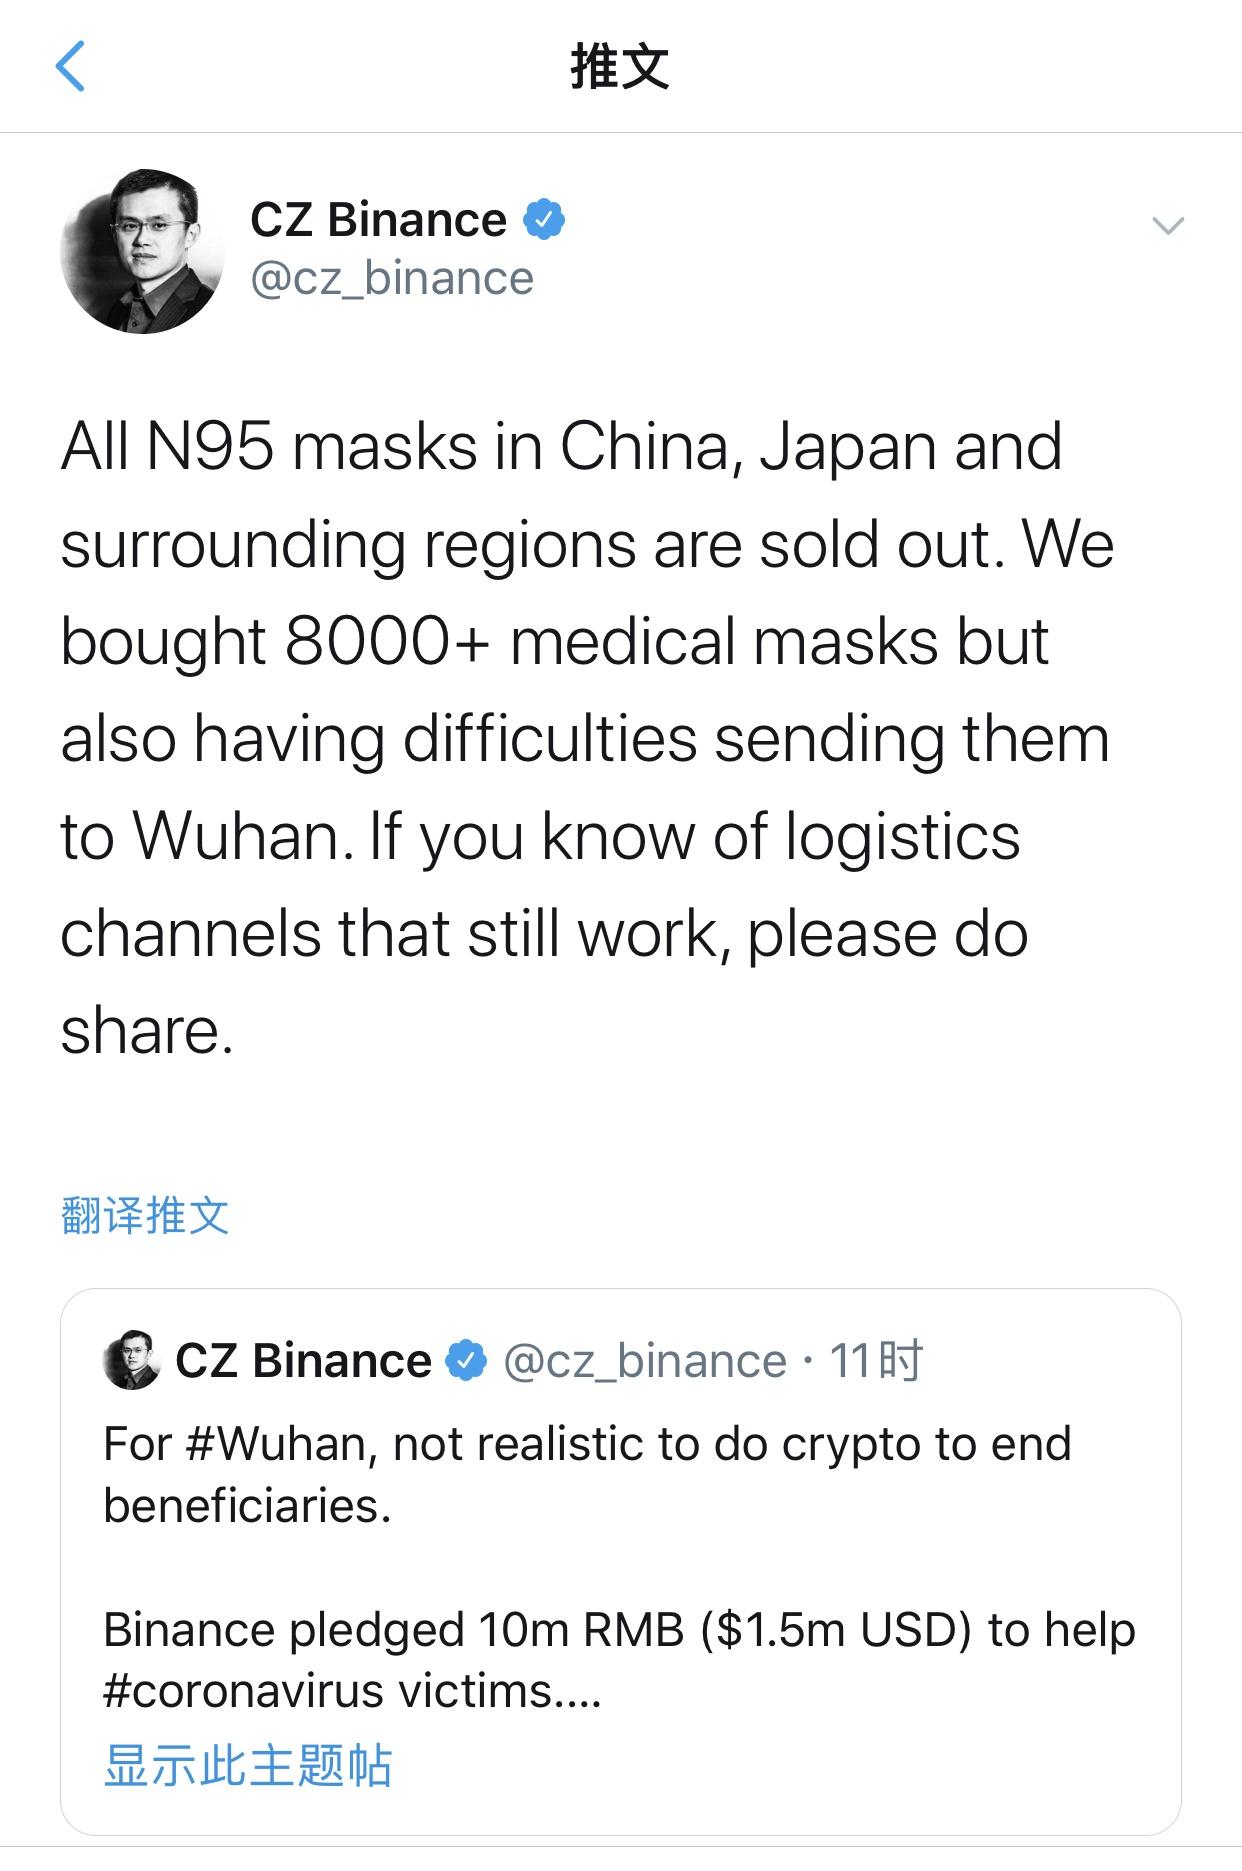 赵长鹏推文:币安已准备8000+医用口罩,寻求入汉运输渠道